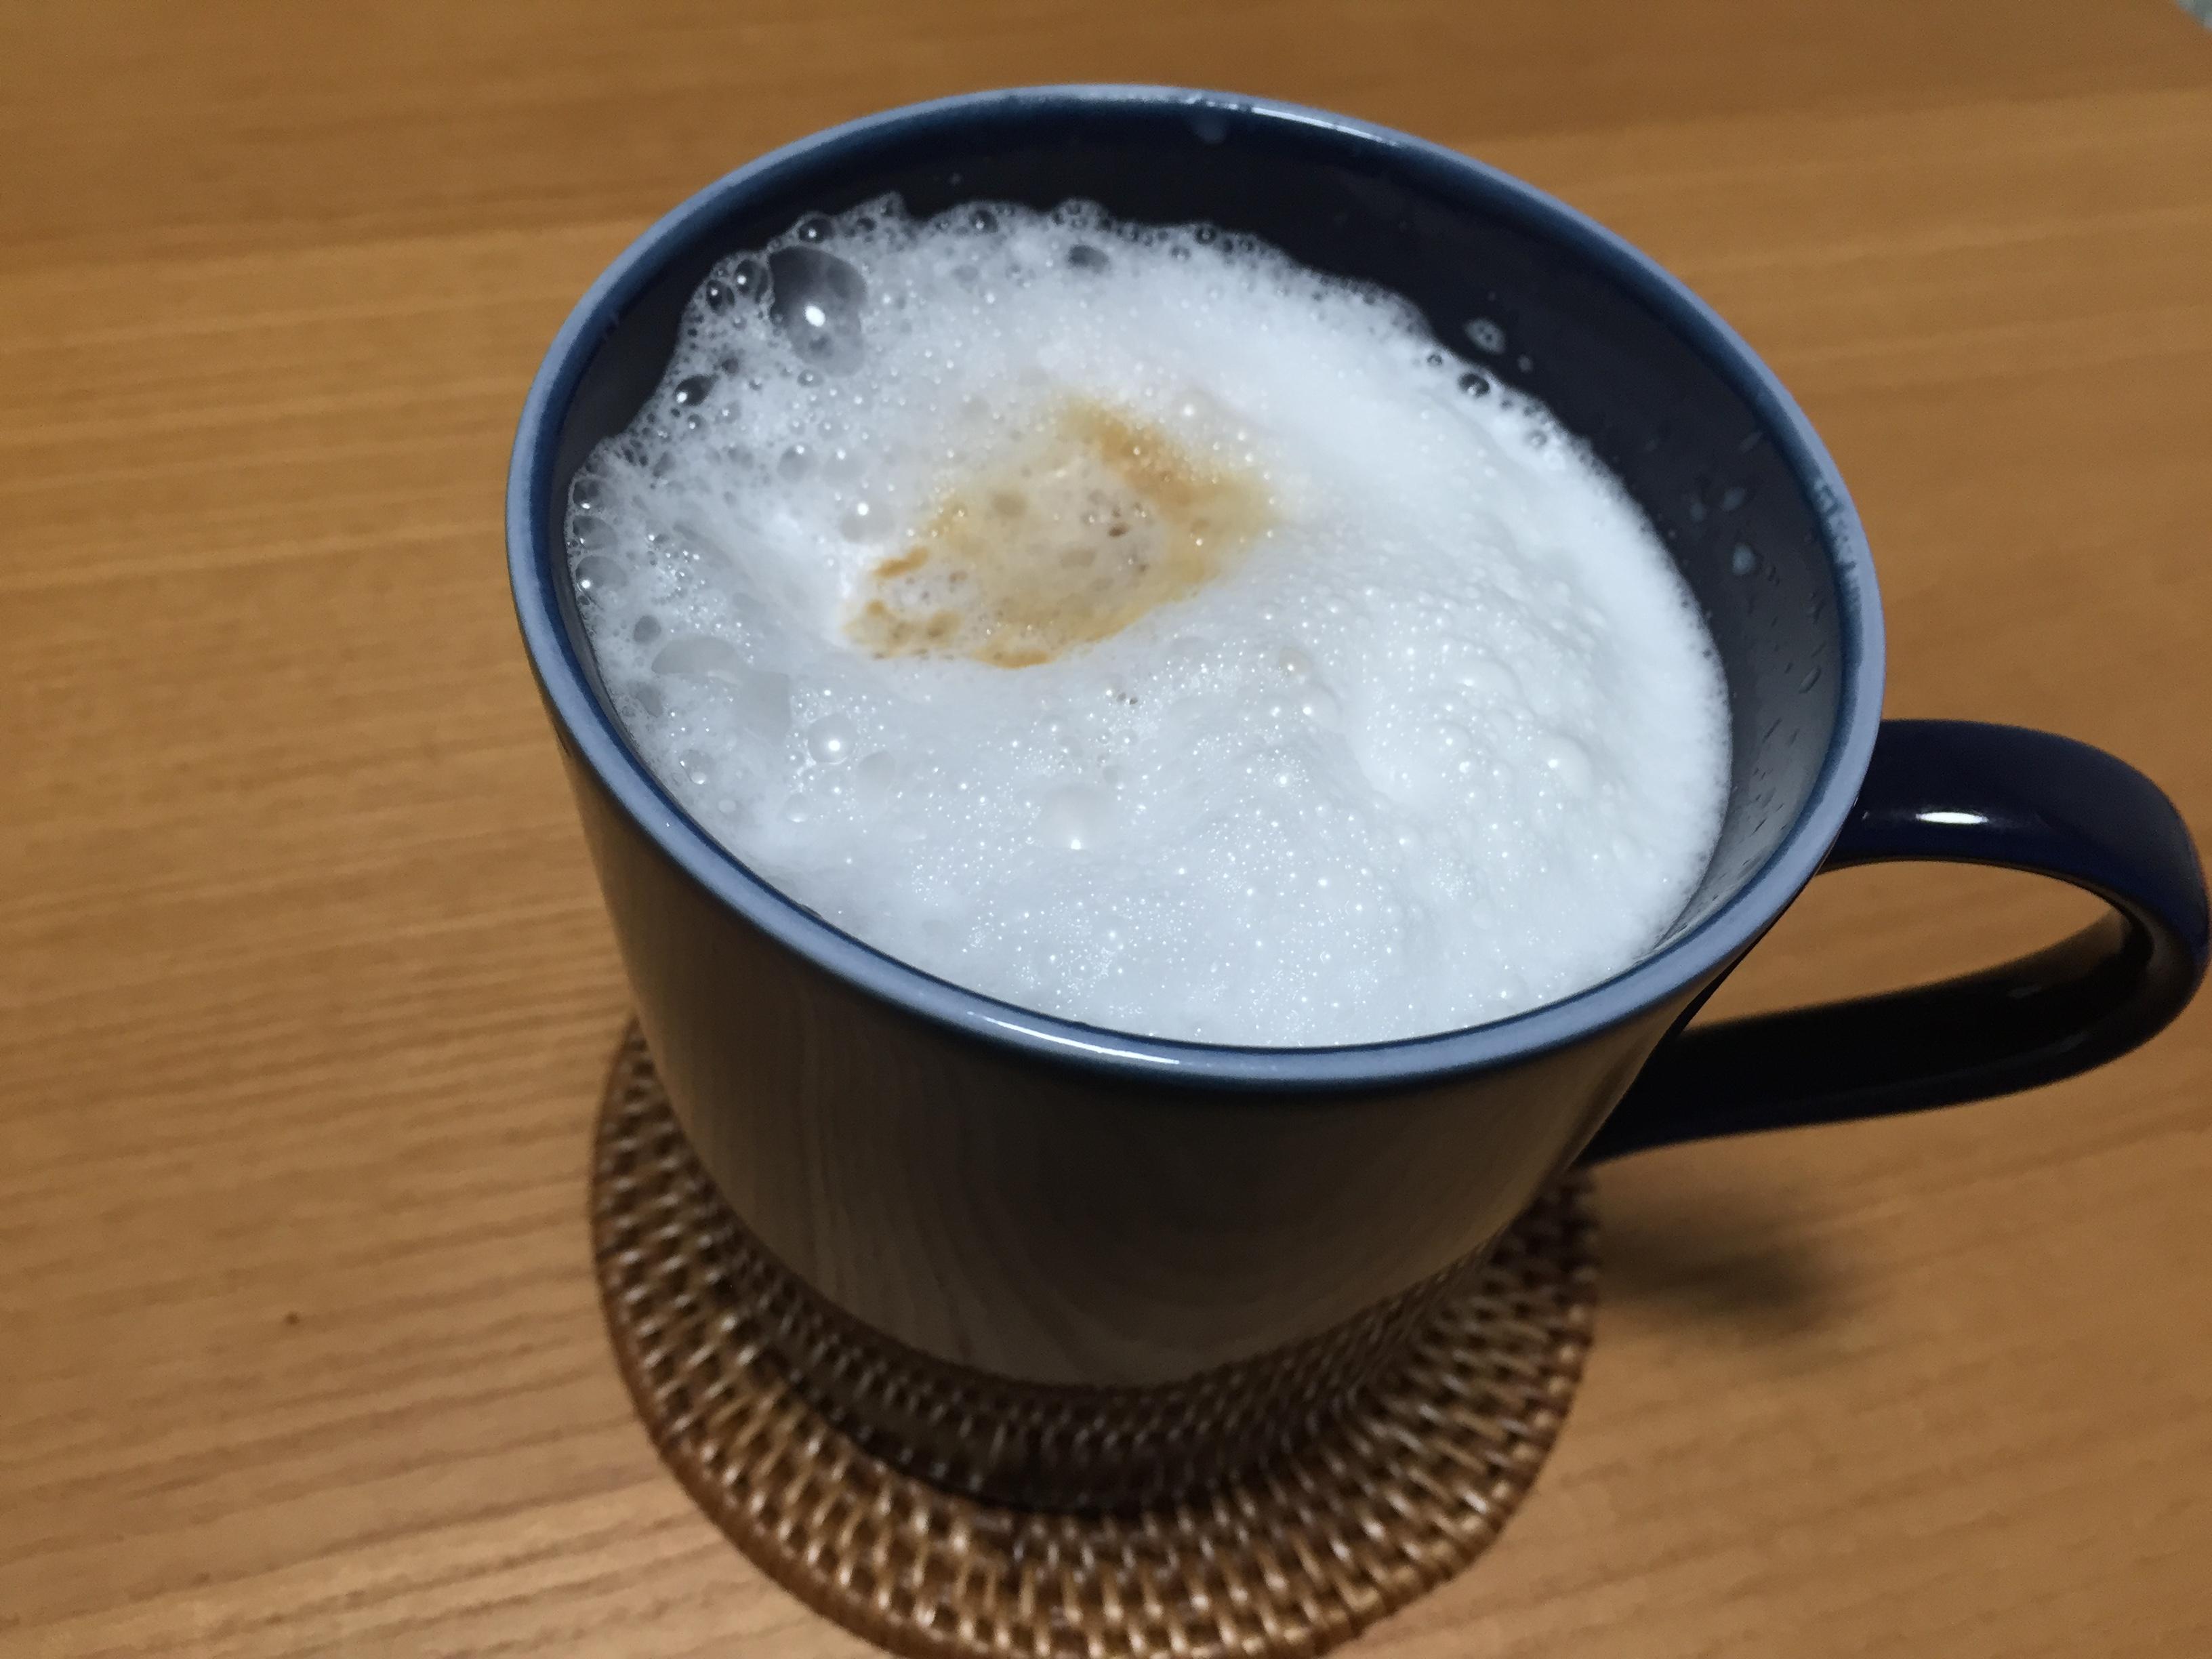 バリスタ コーヒー 口コミ おすすめ アイ カプチーノ カフェオレ 美味しい